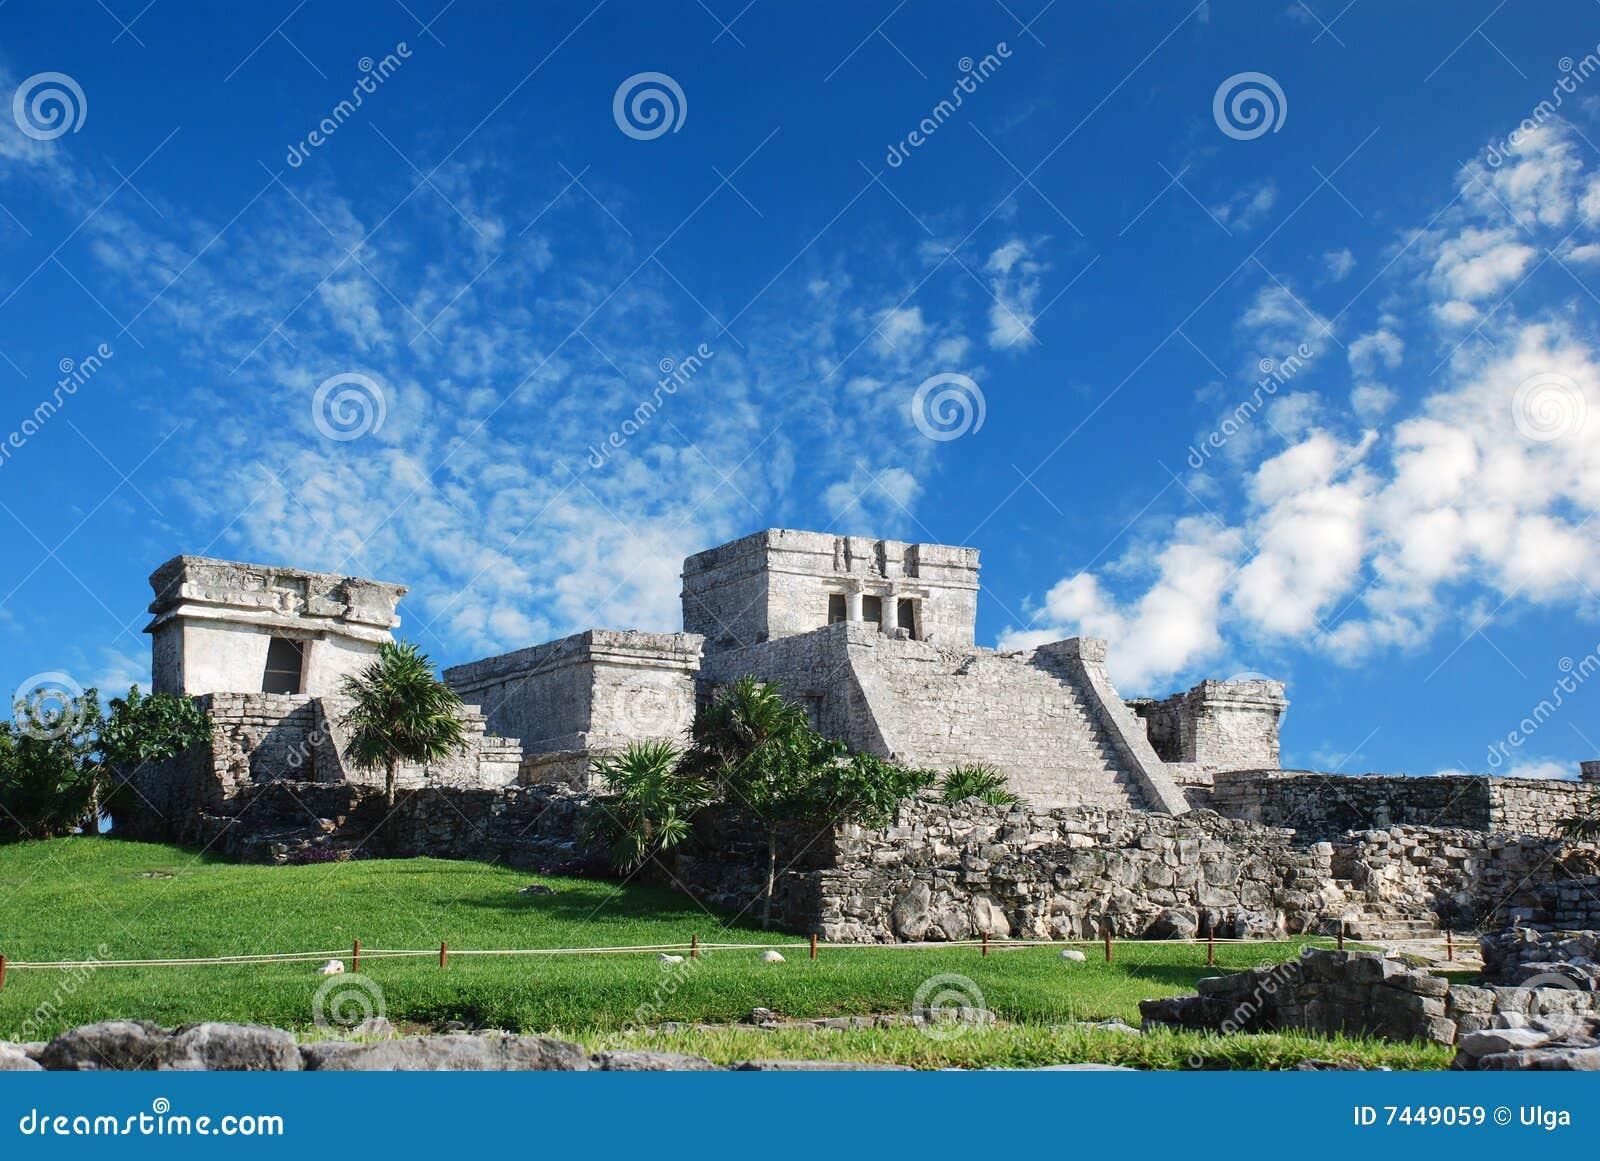 Tulum ruins in Mexico